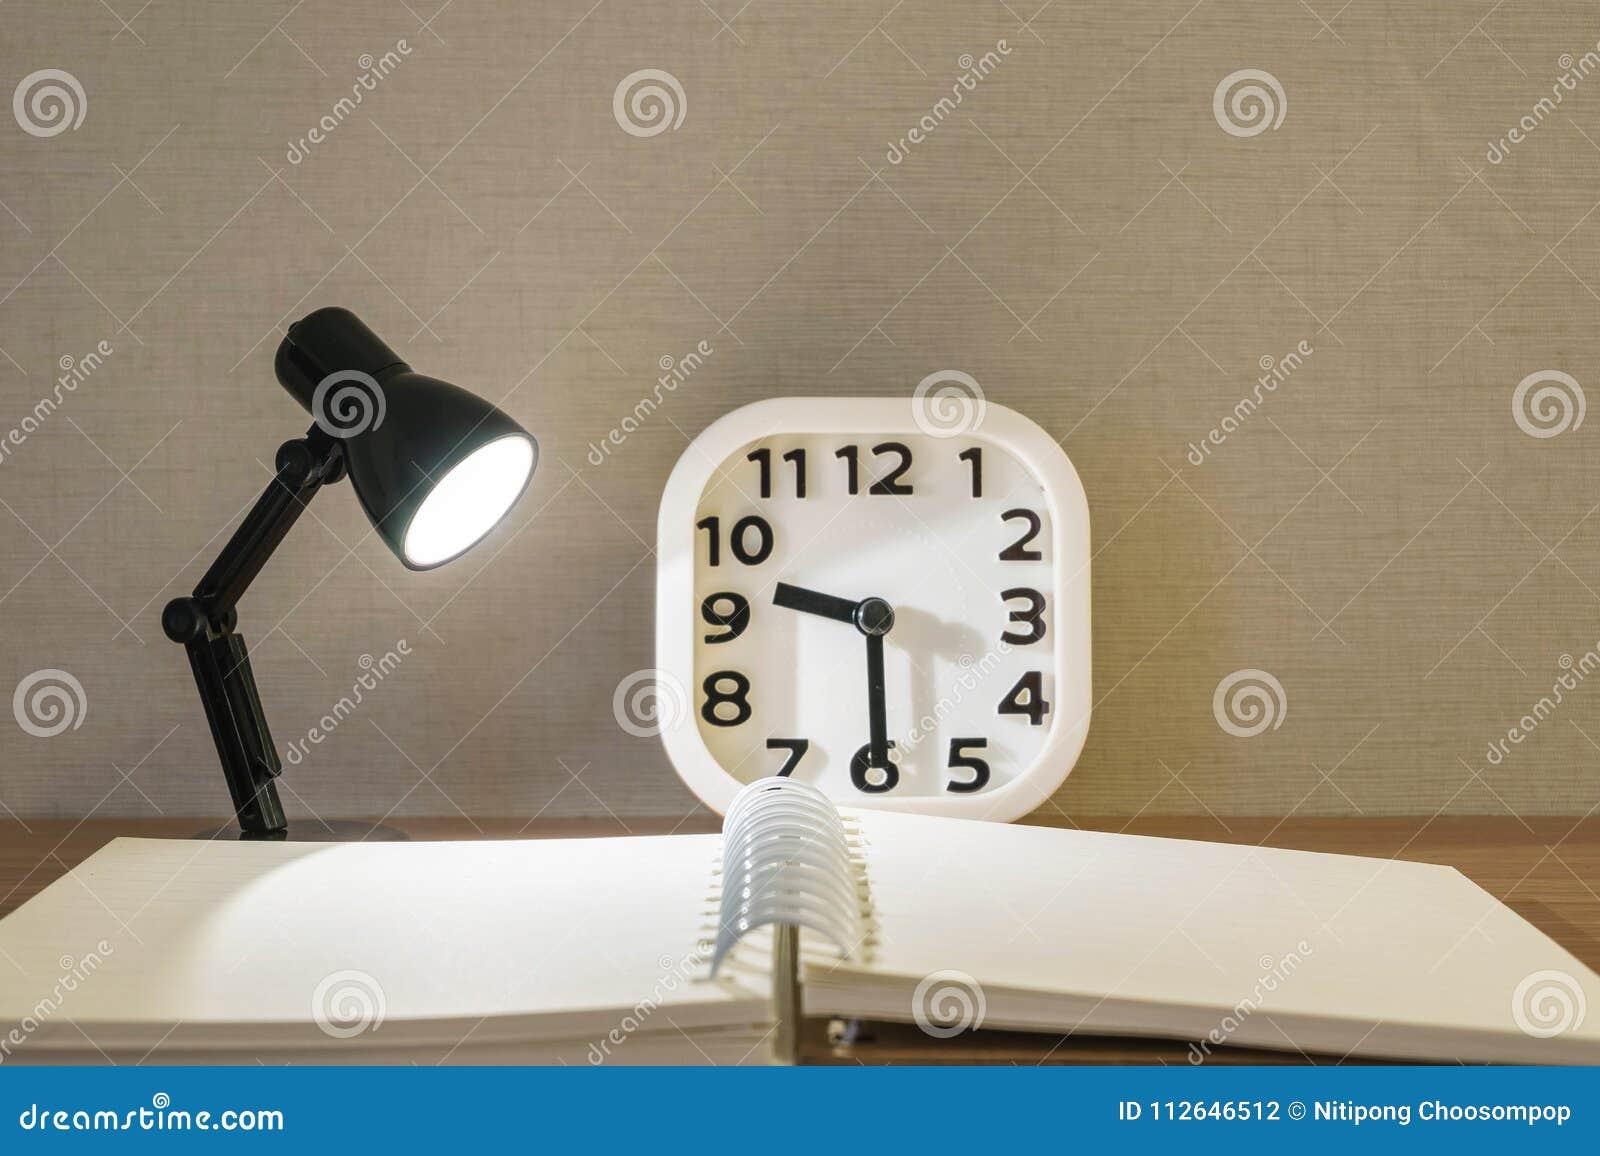 Kinderwekker Met Licht : Close up kleine lamp met licht met vaag boek en witte wekker op